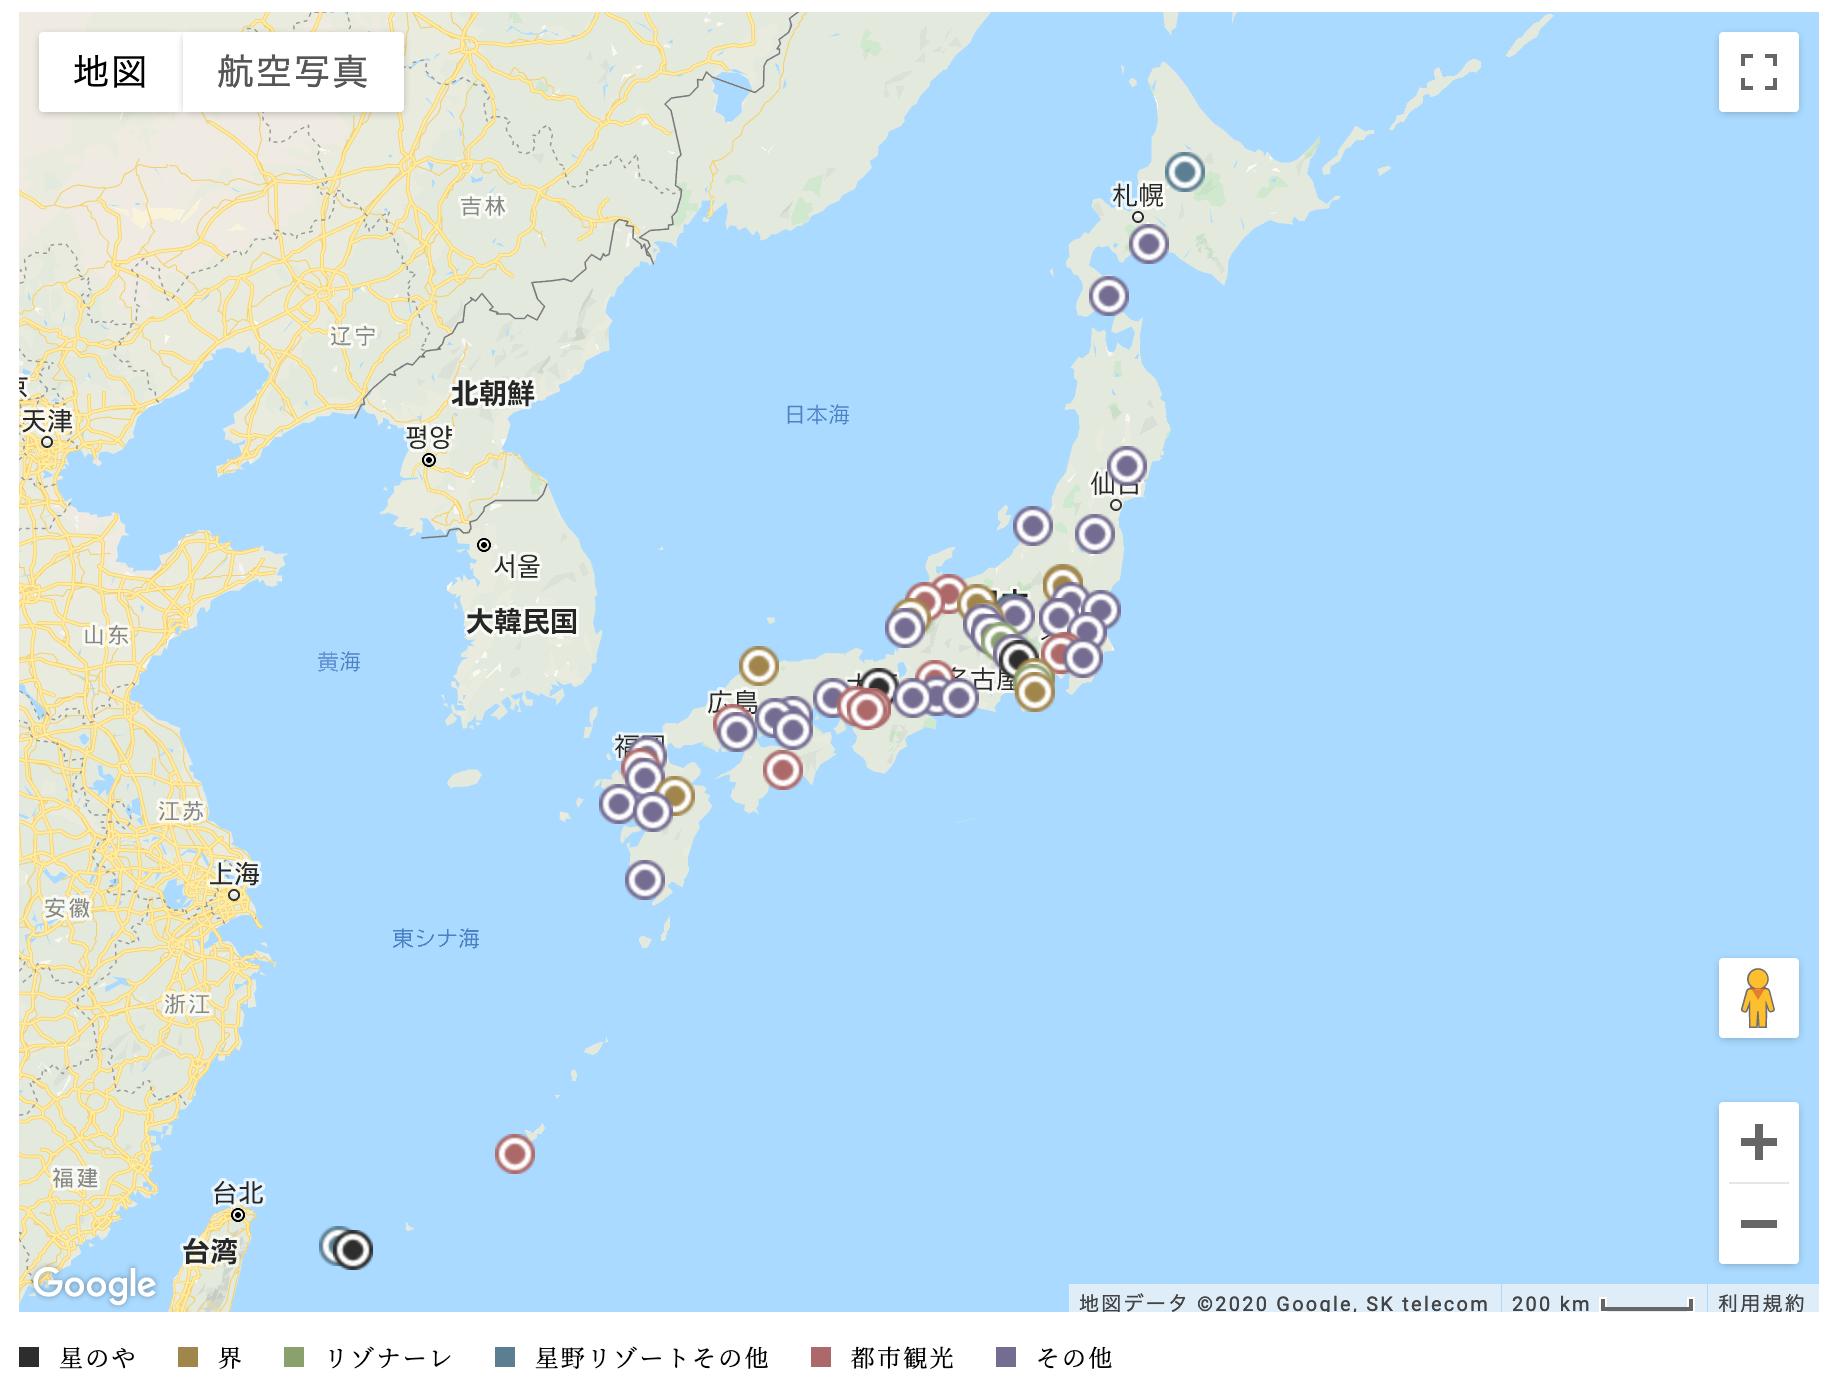 星野リゾート物件ポートフォリオマップ